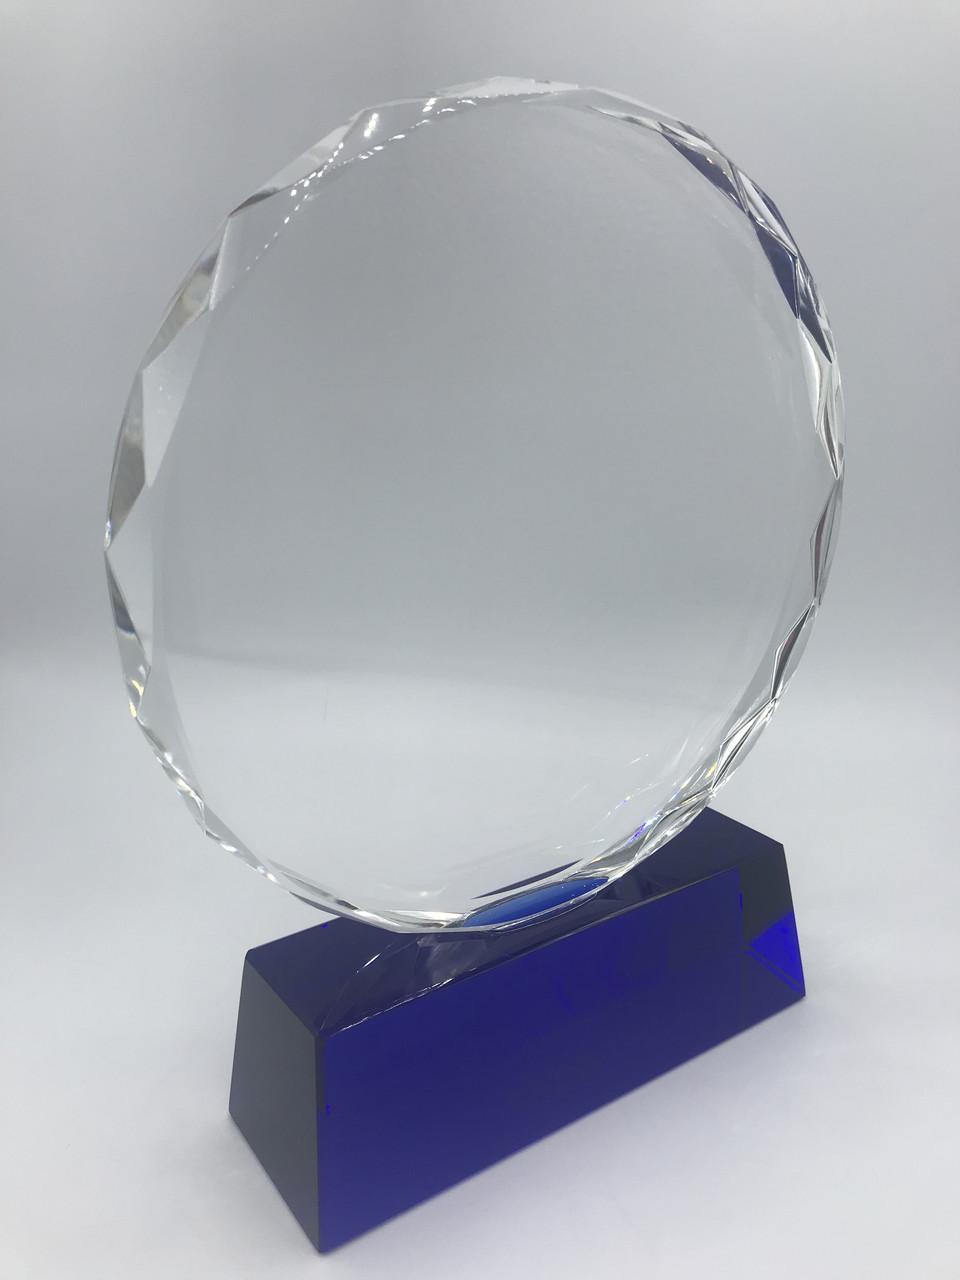 Стелла наградная, стеклянная (G03)